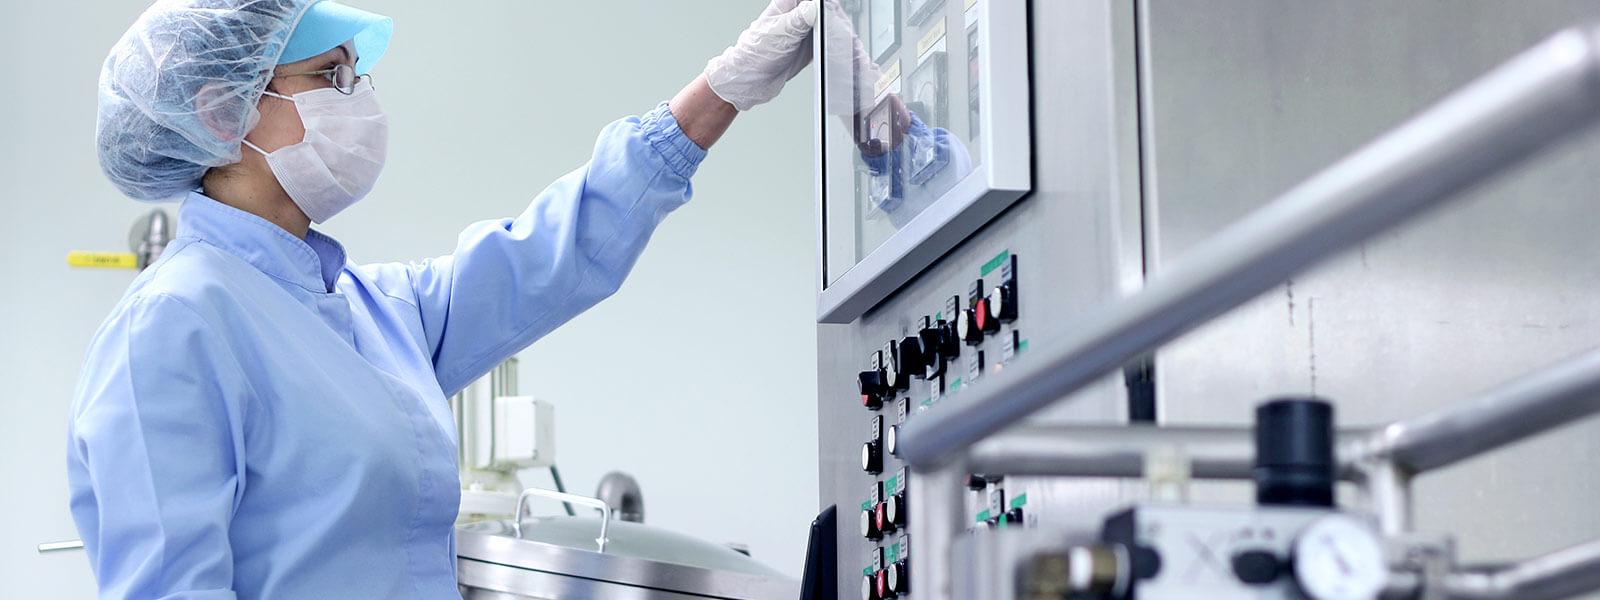 servicios-farmaceuticos-qti